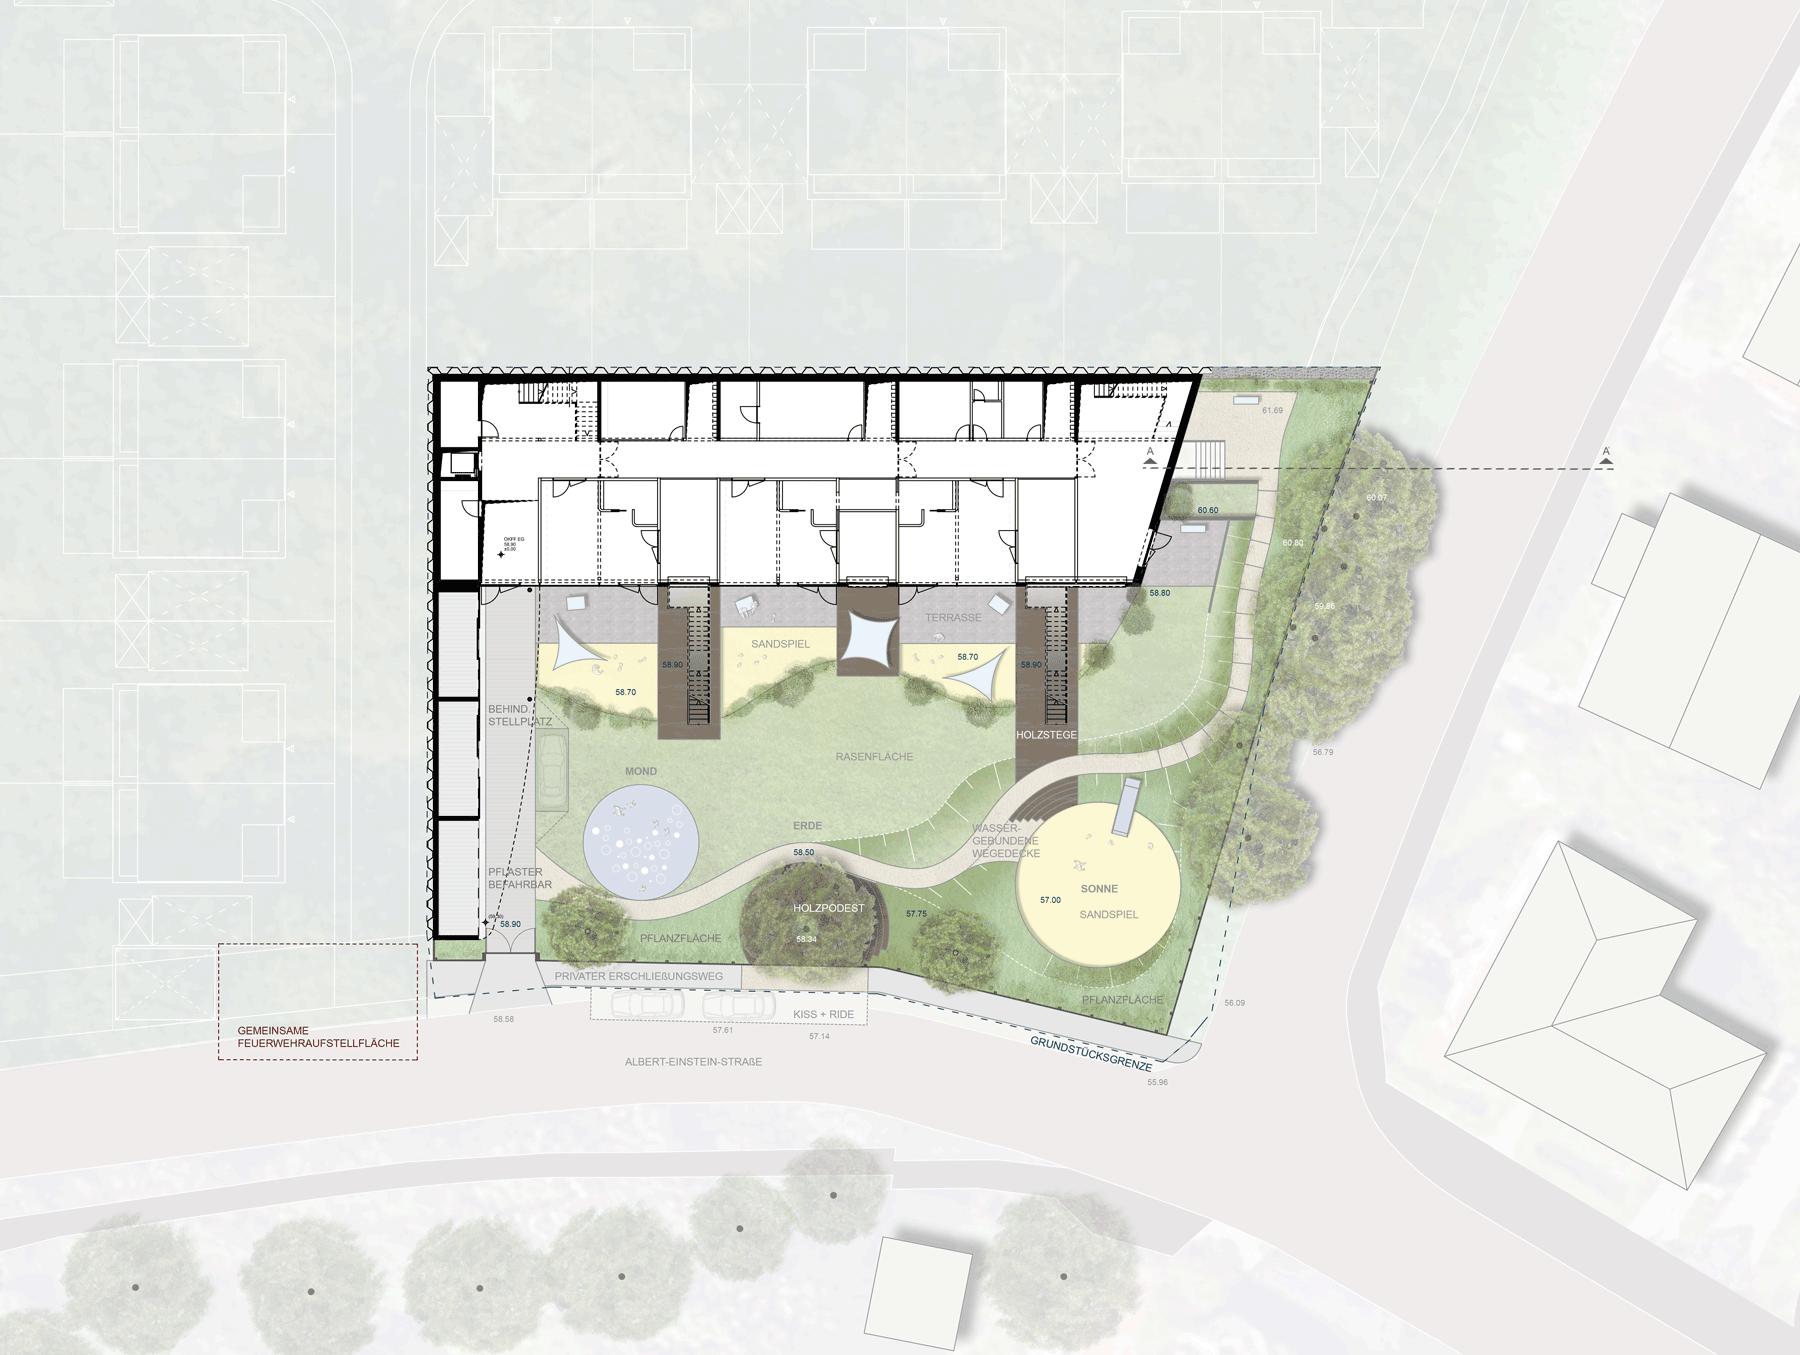 Lageplan Kindertagesstätte Einsteinquartier, Potsdam, Brandenburg